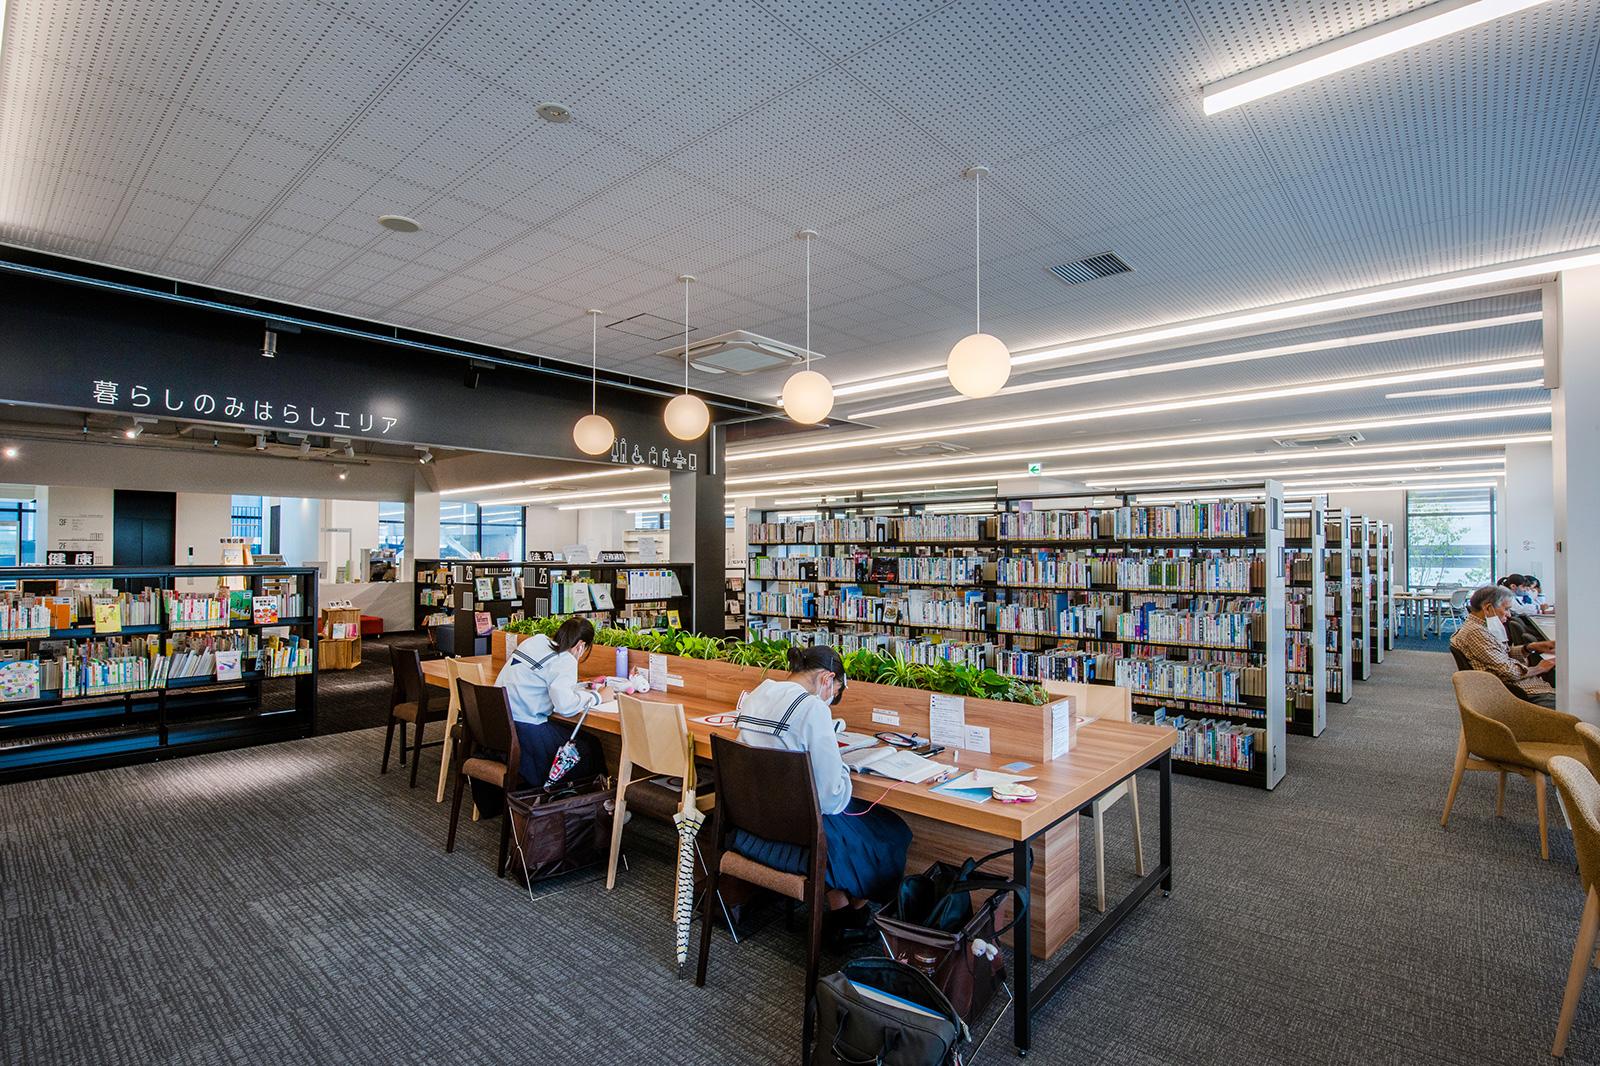 図書館 三原 三原市立図書館